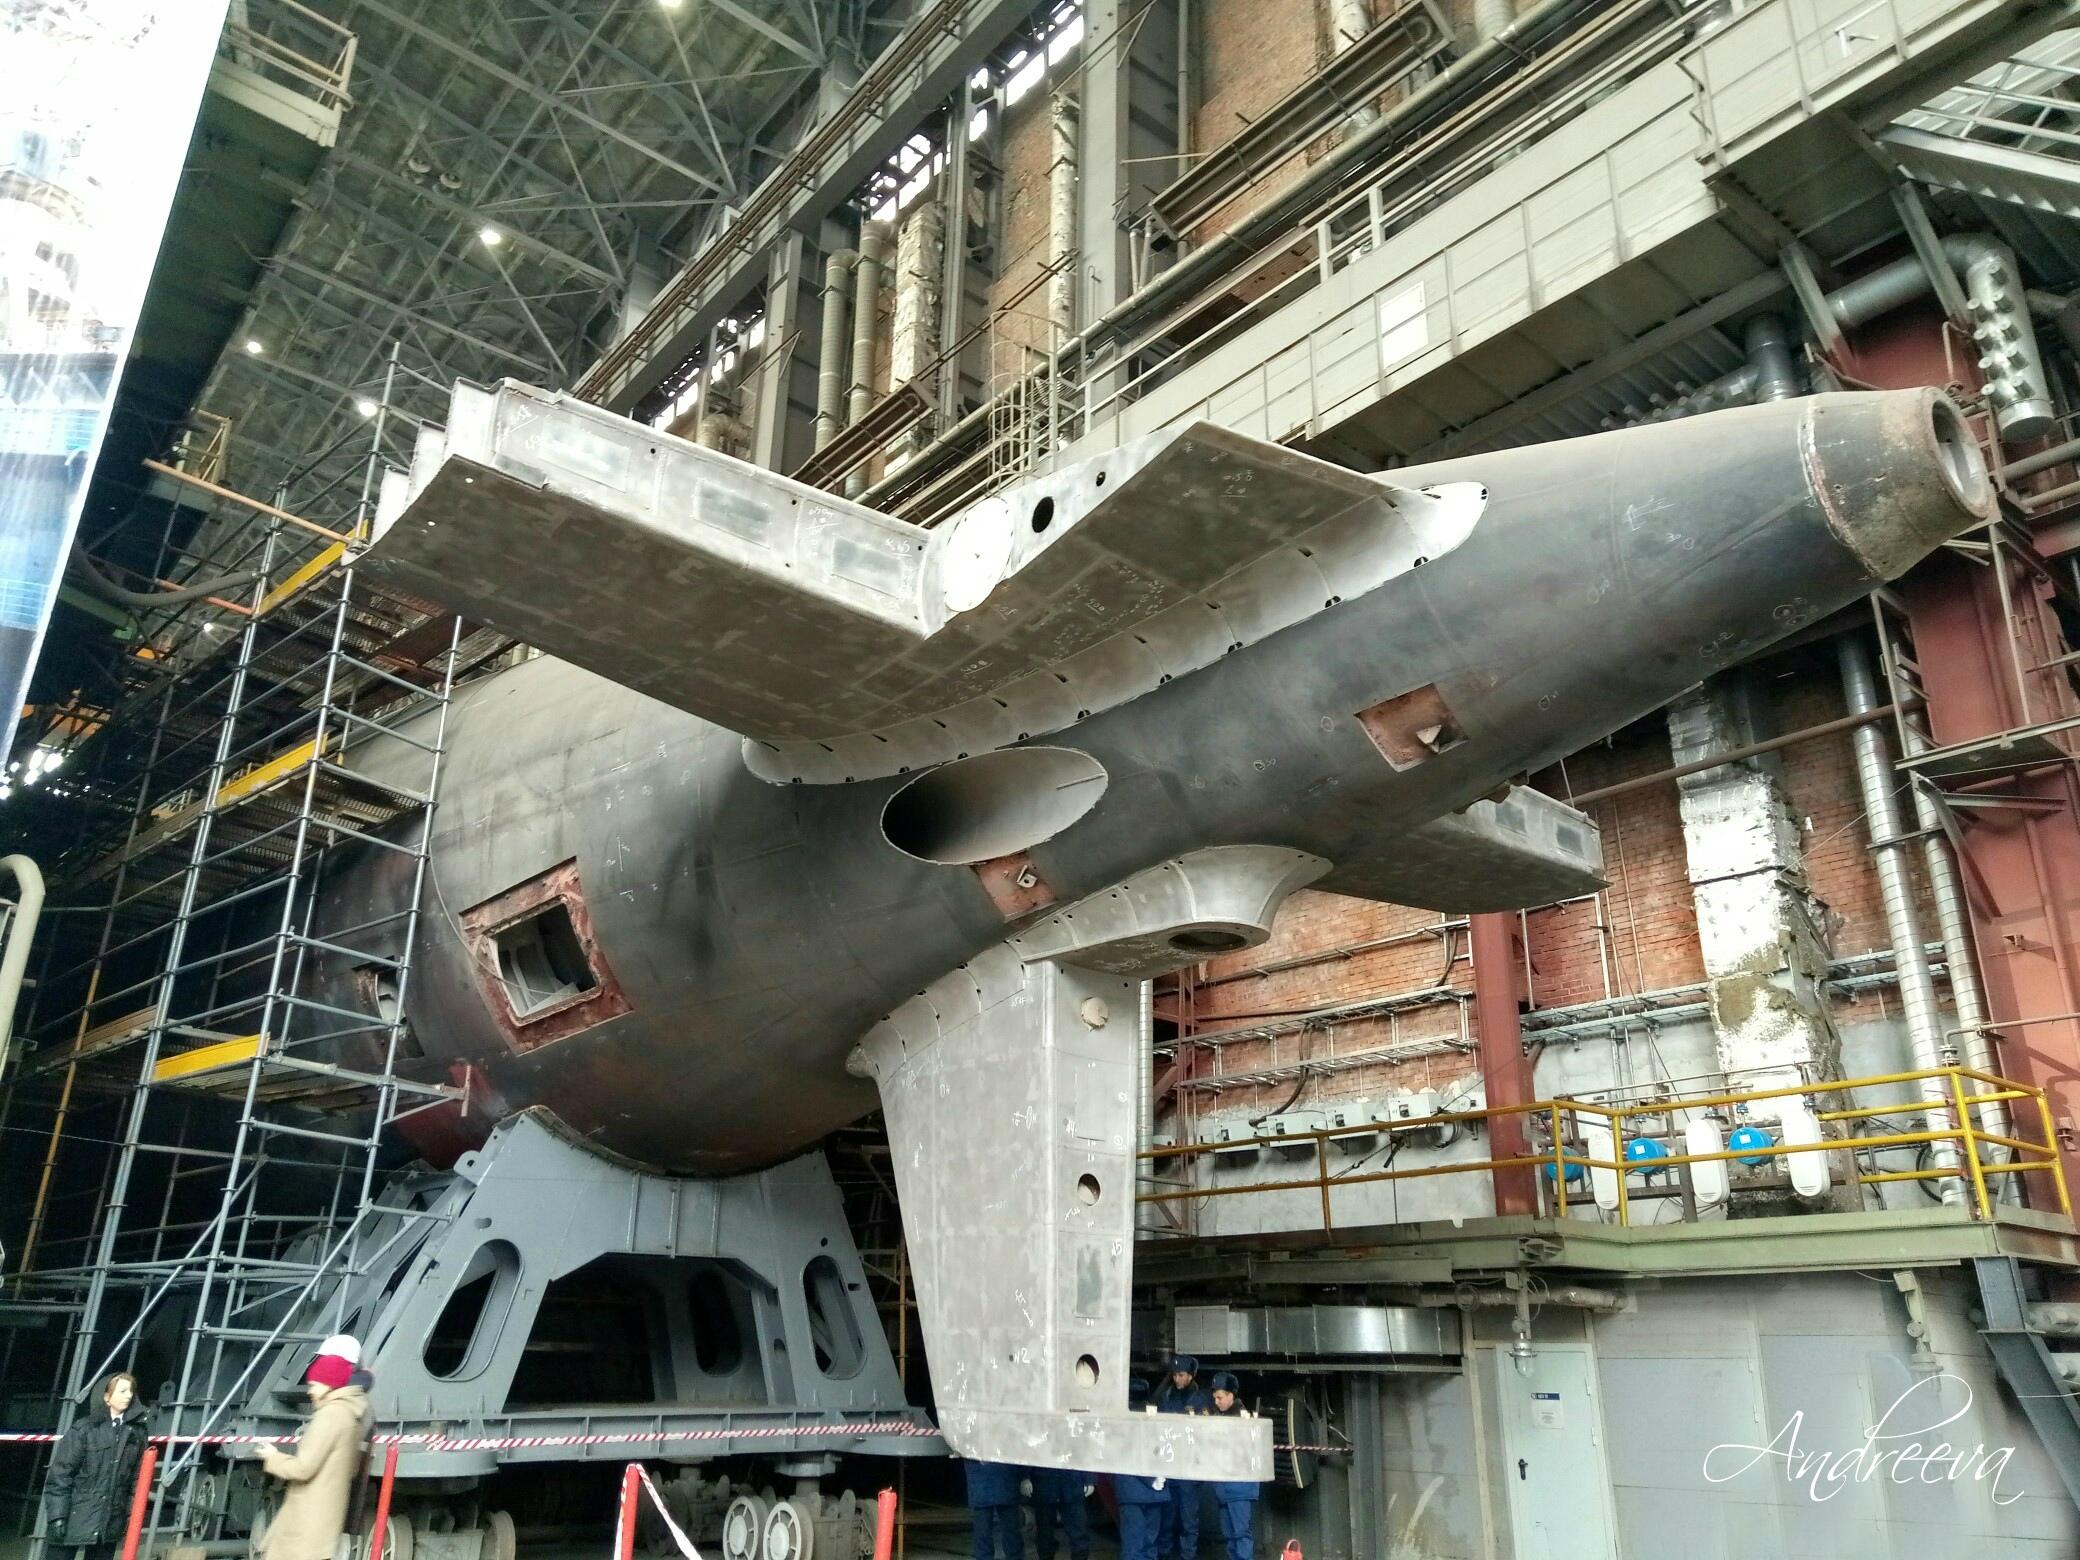 Project 877/636: Kilo class SSK - Page 15 XJ9rkR1y2Ho